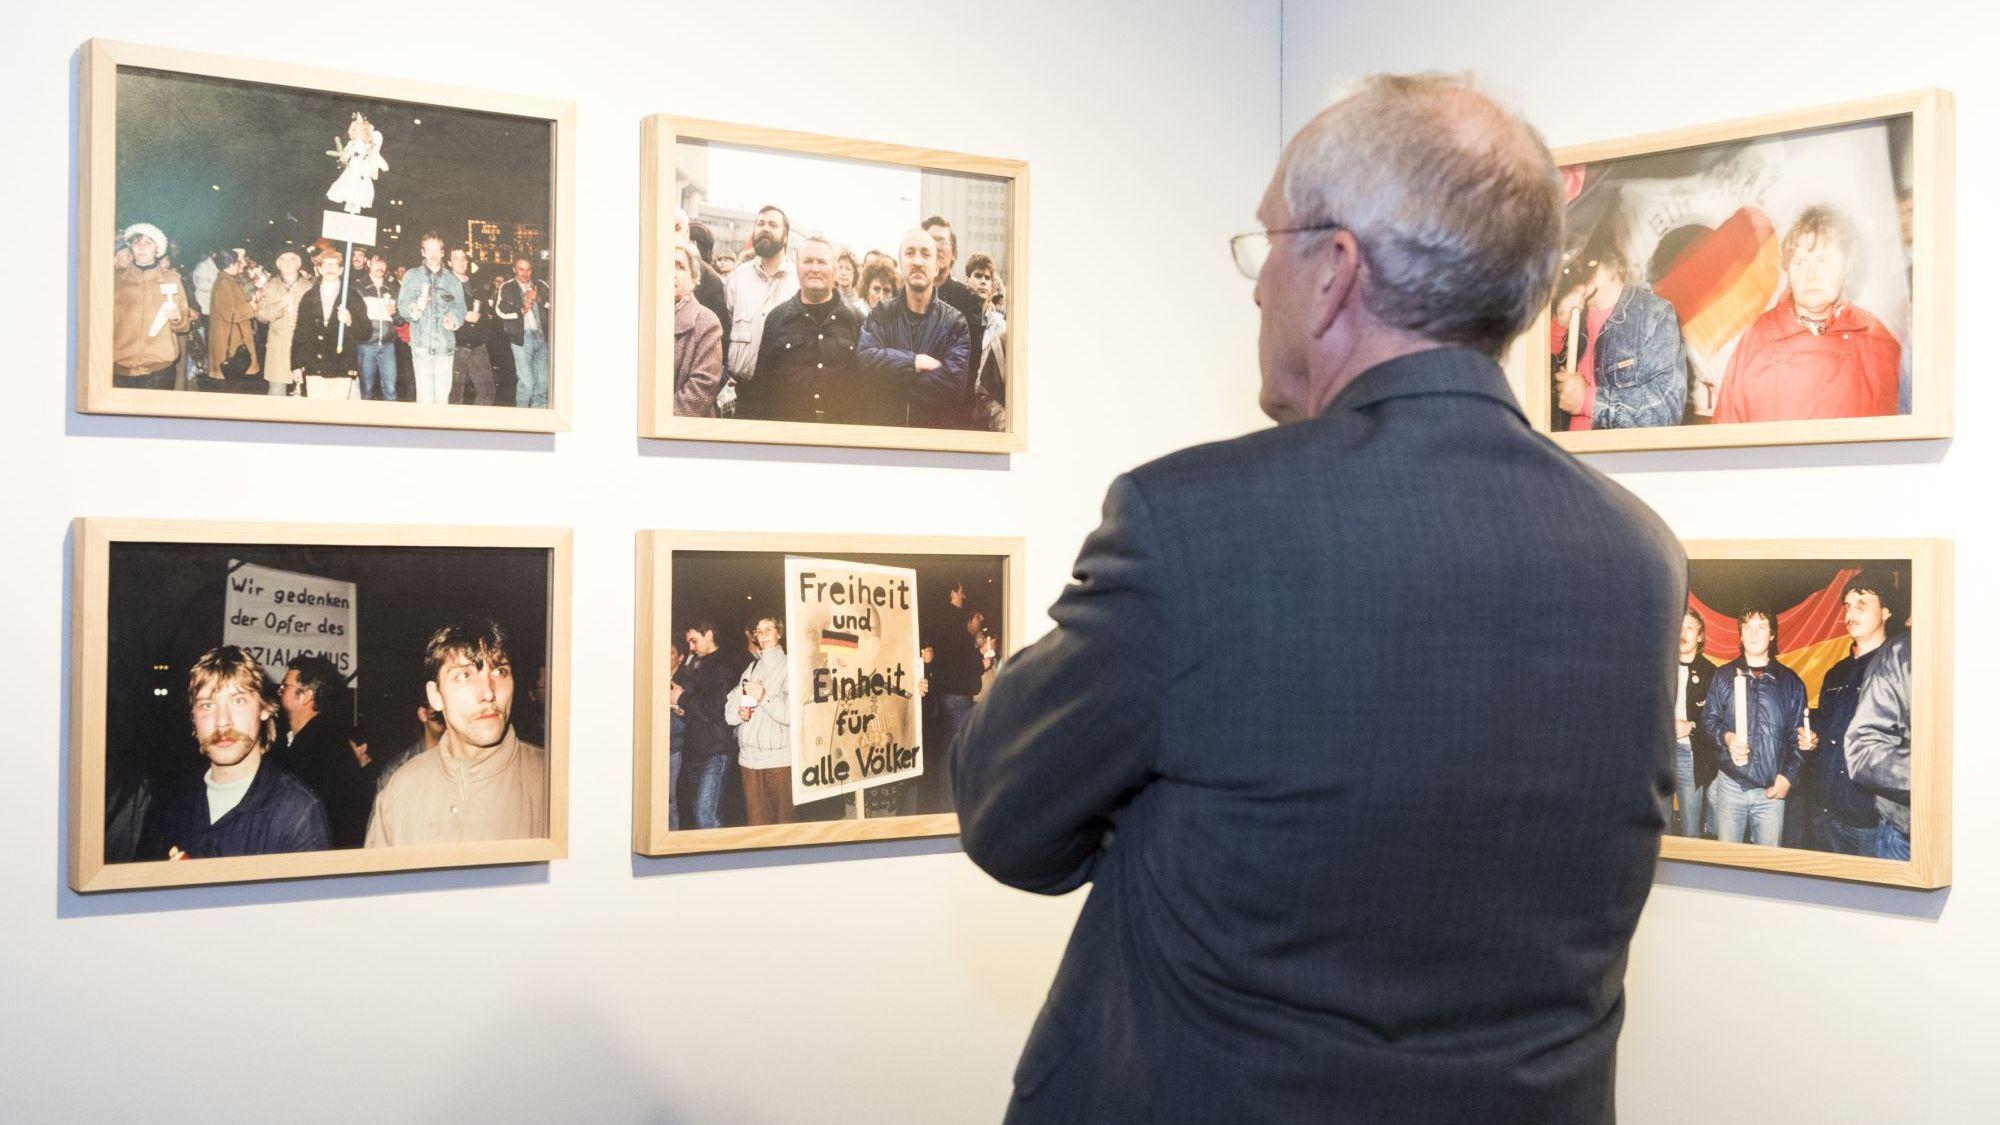 Ein älterer Mann steht mit dem Rücken zur Kamera und betrachtet sechs gerahmte Fotografien an einer Wand